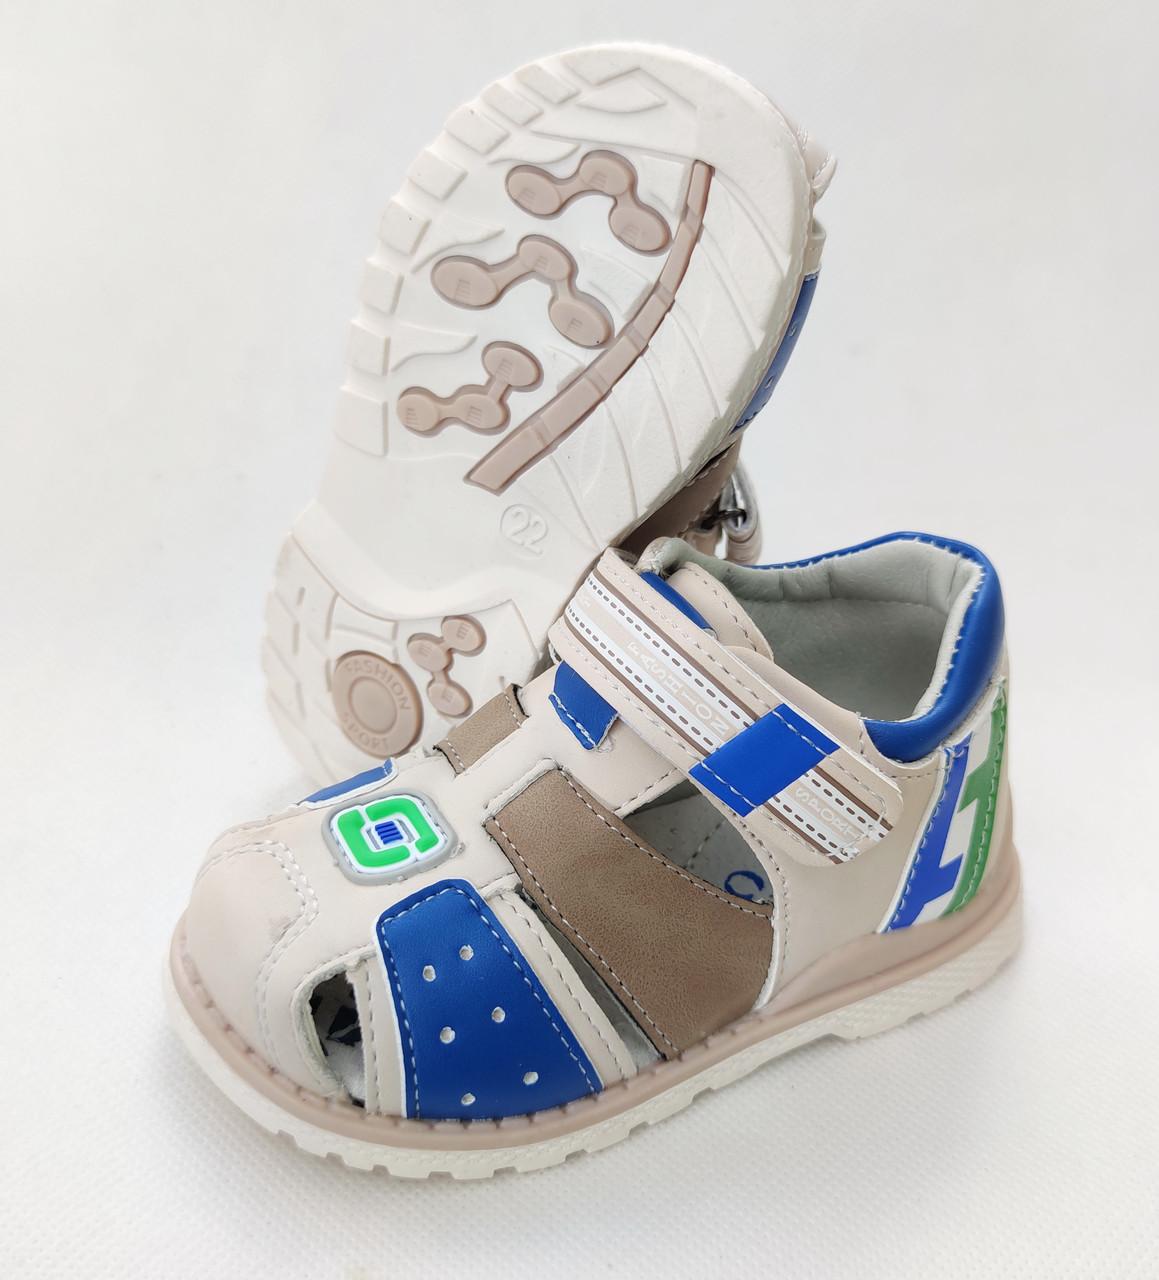 Детские босоножки сандалии для мальчика бежевые Y.TOP 24р 15см